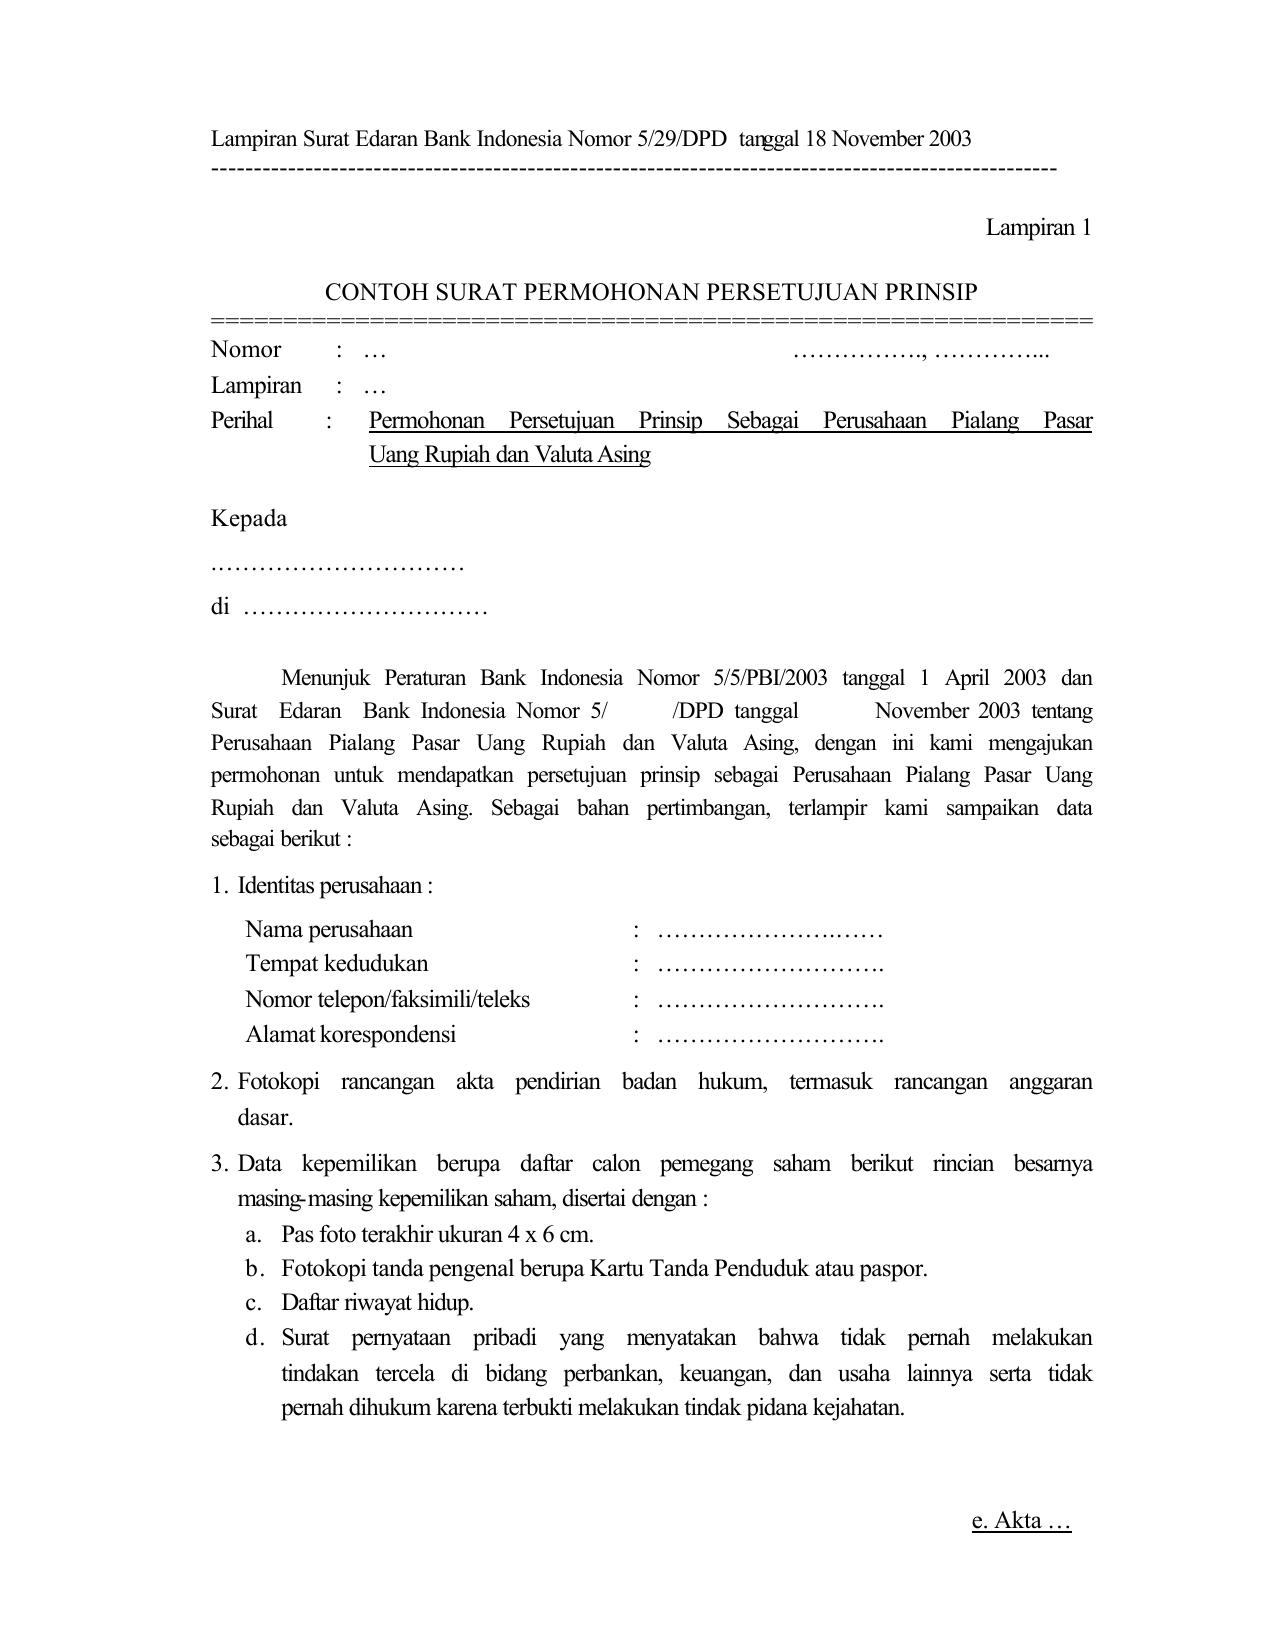 Lampiran 1 Contoh Surat Perm